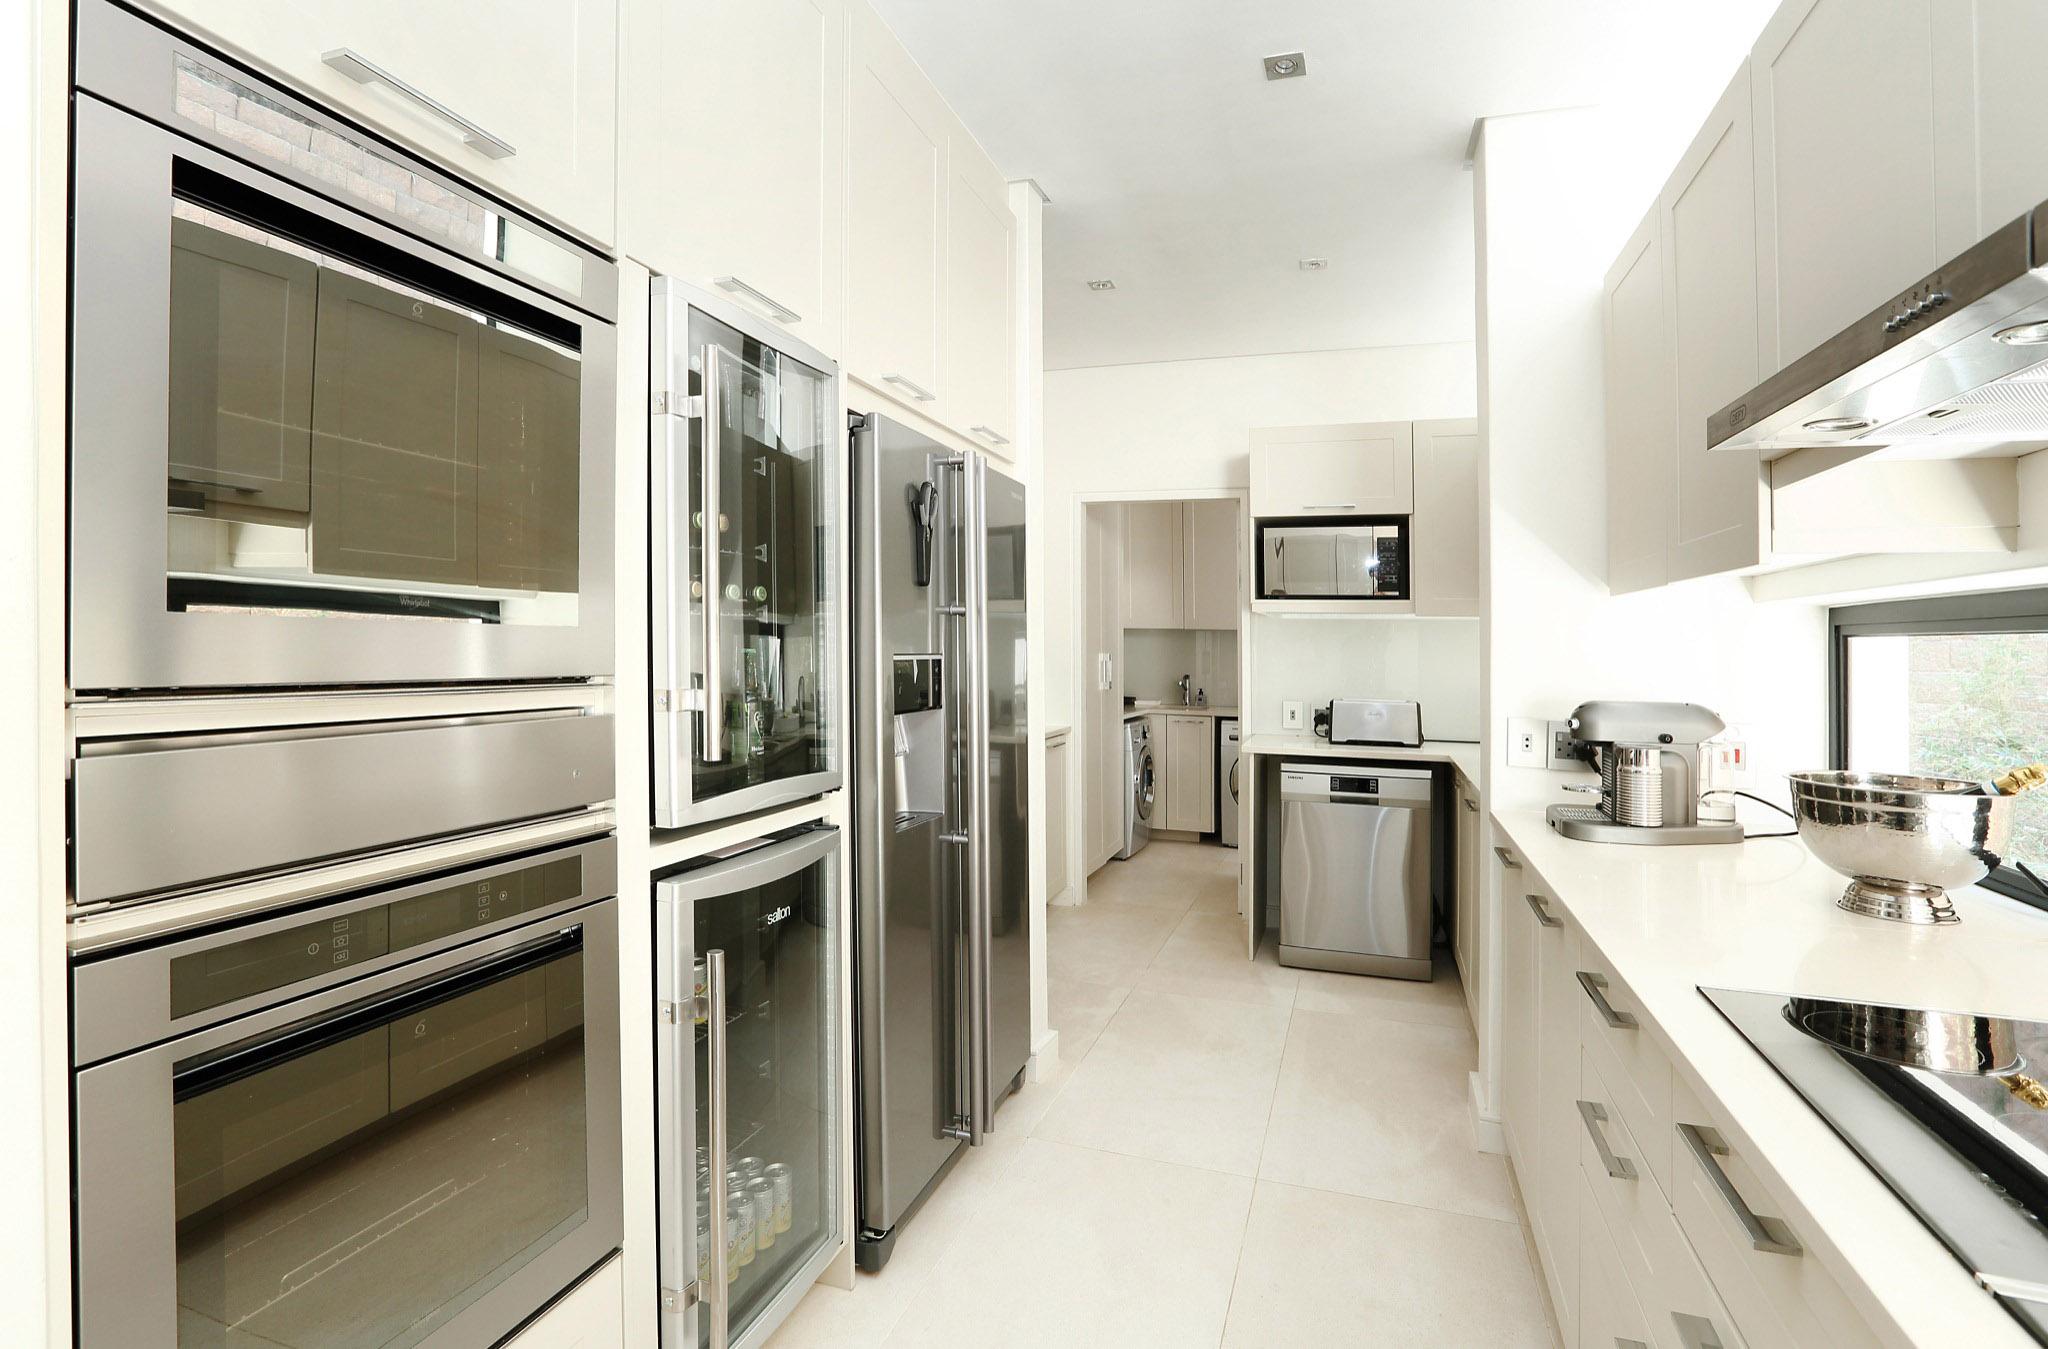 07 Kitchen-3 2048.jpg